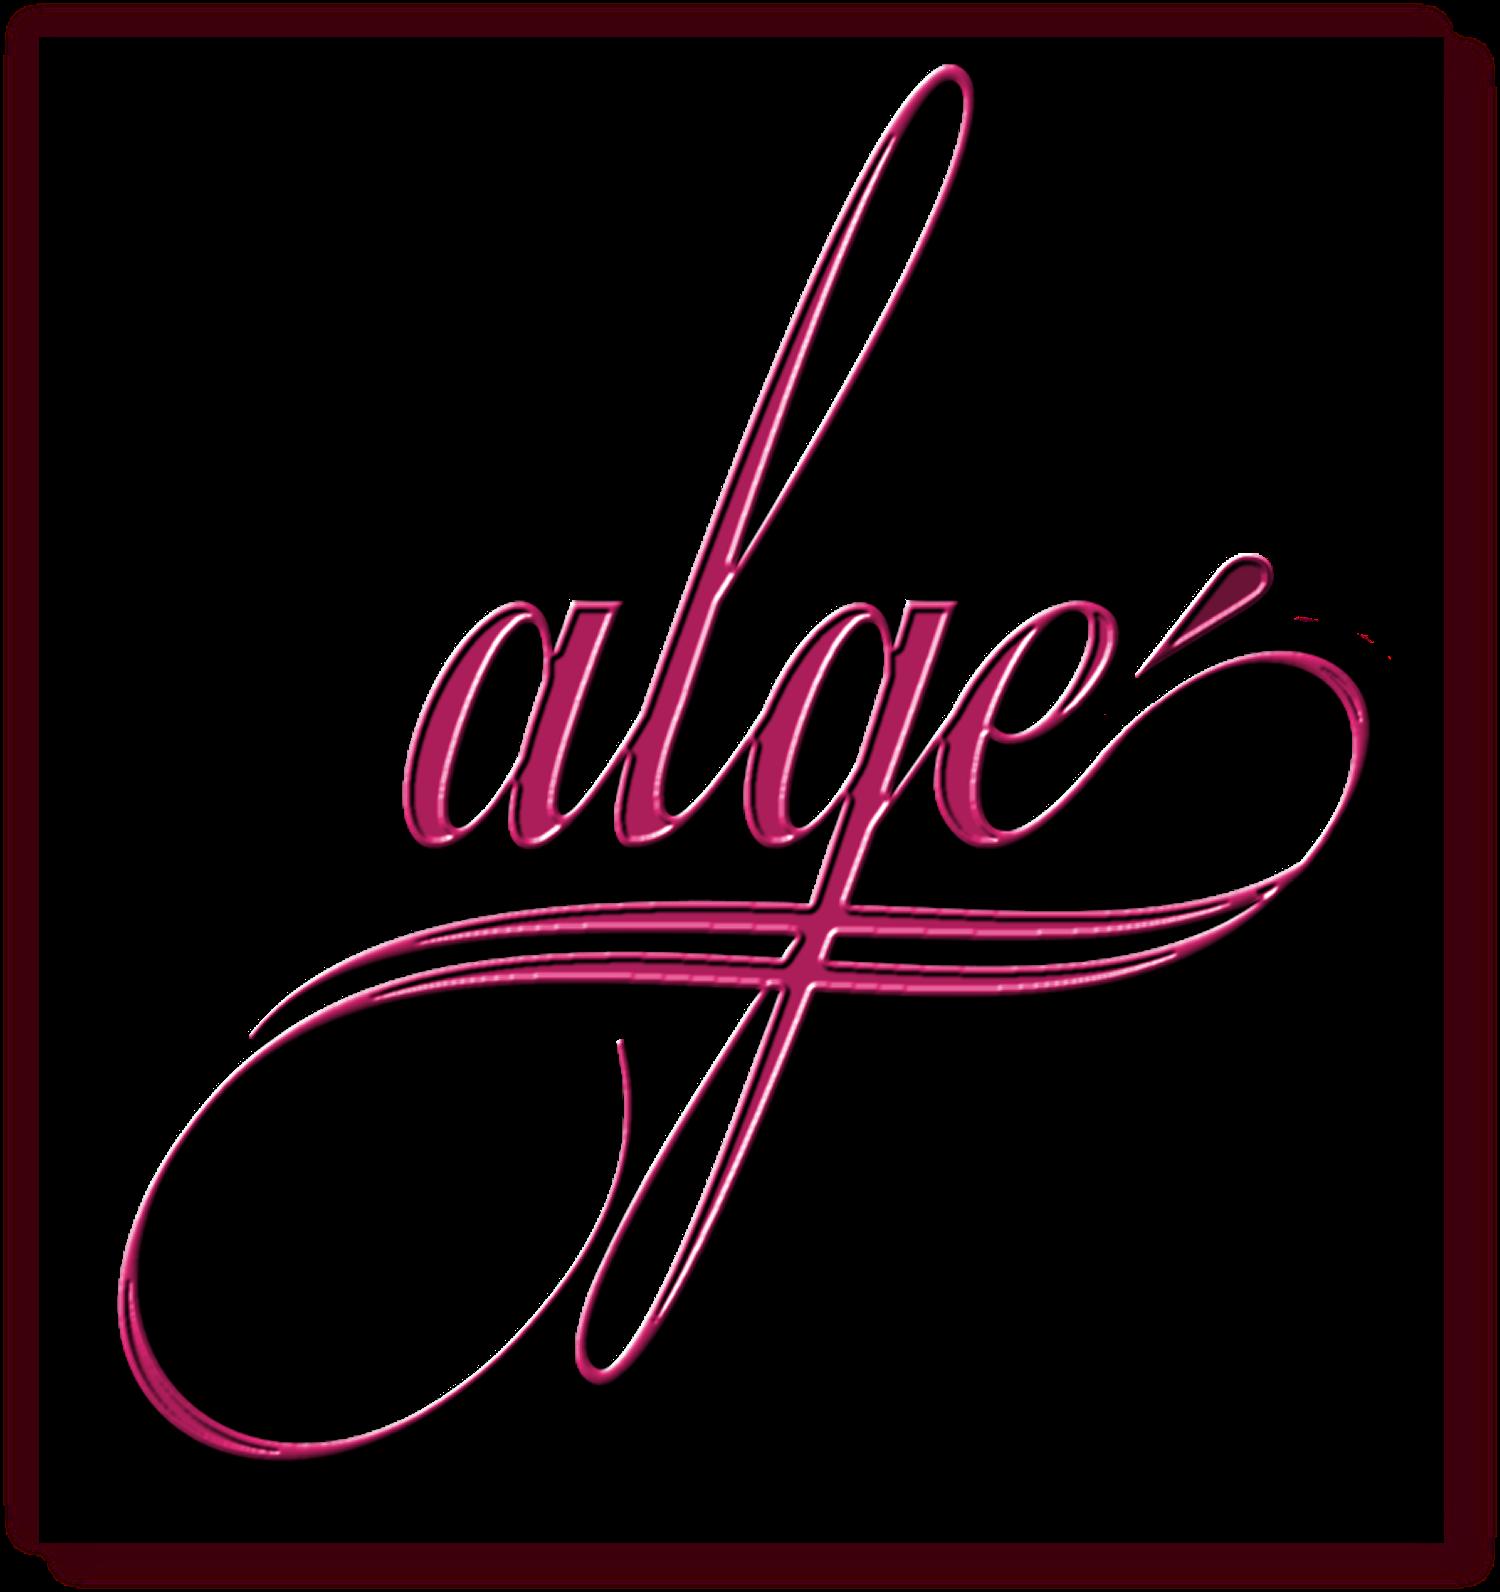 Alge's